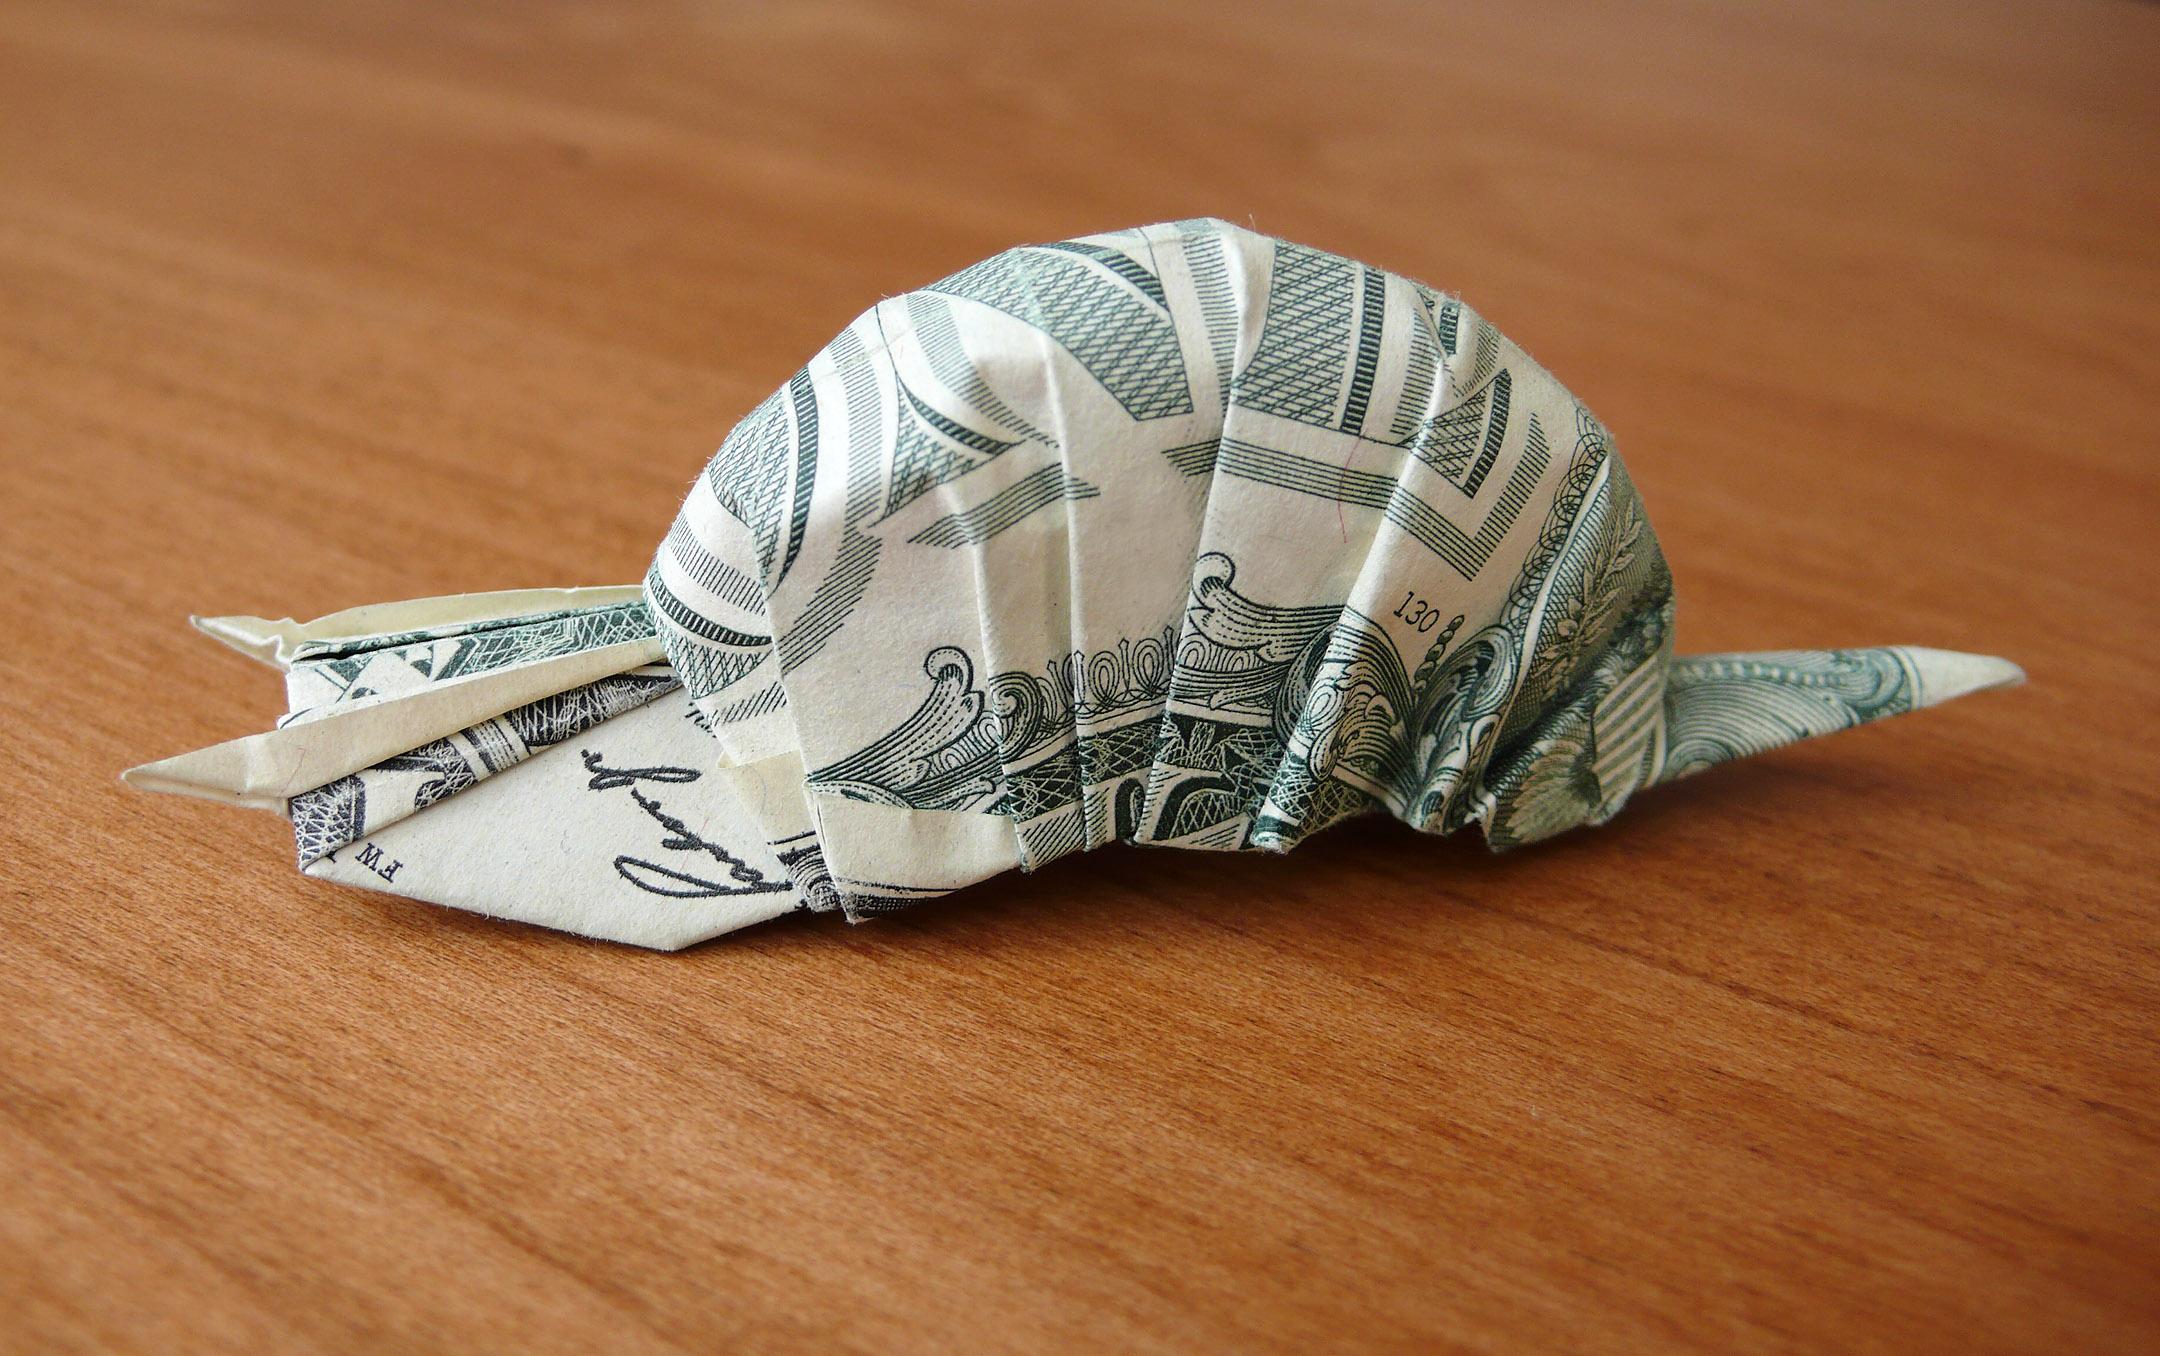 Dollar Bill Snail by craigfoldsfives